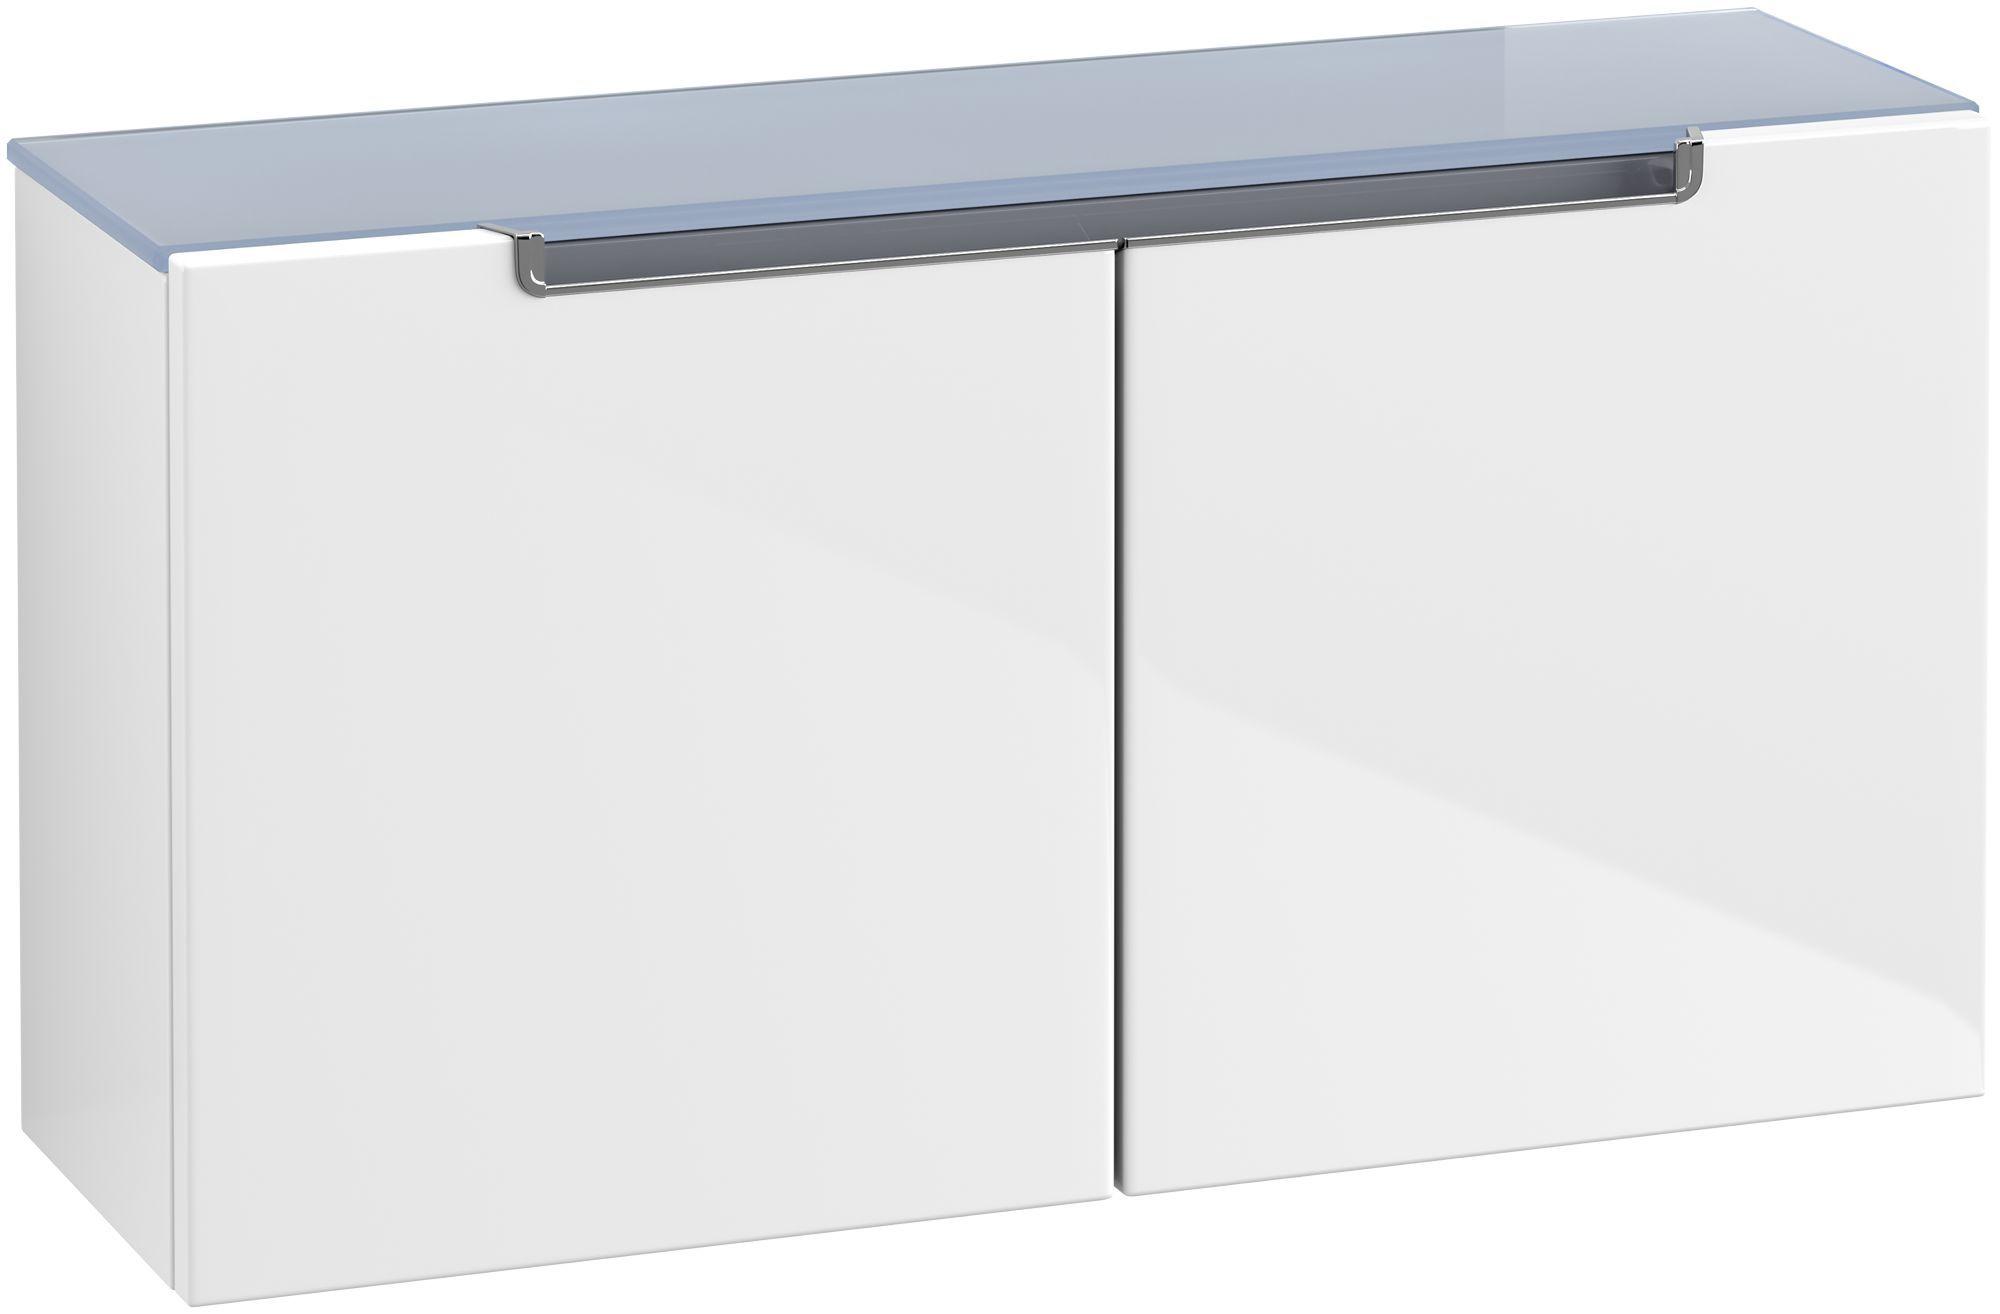 Villeroy & Boch Subway 2.0 Sideboard 2 Türen B:758xT:235xH:400mm glossy weiß Griffe chrom A7041RDH